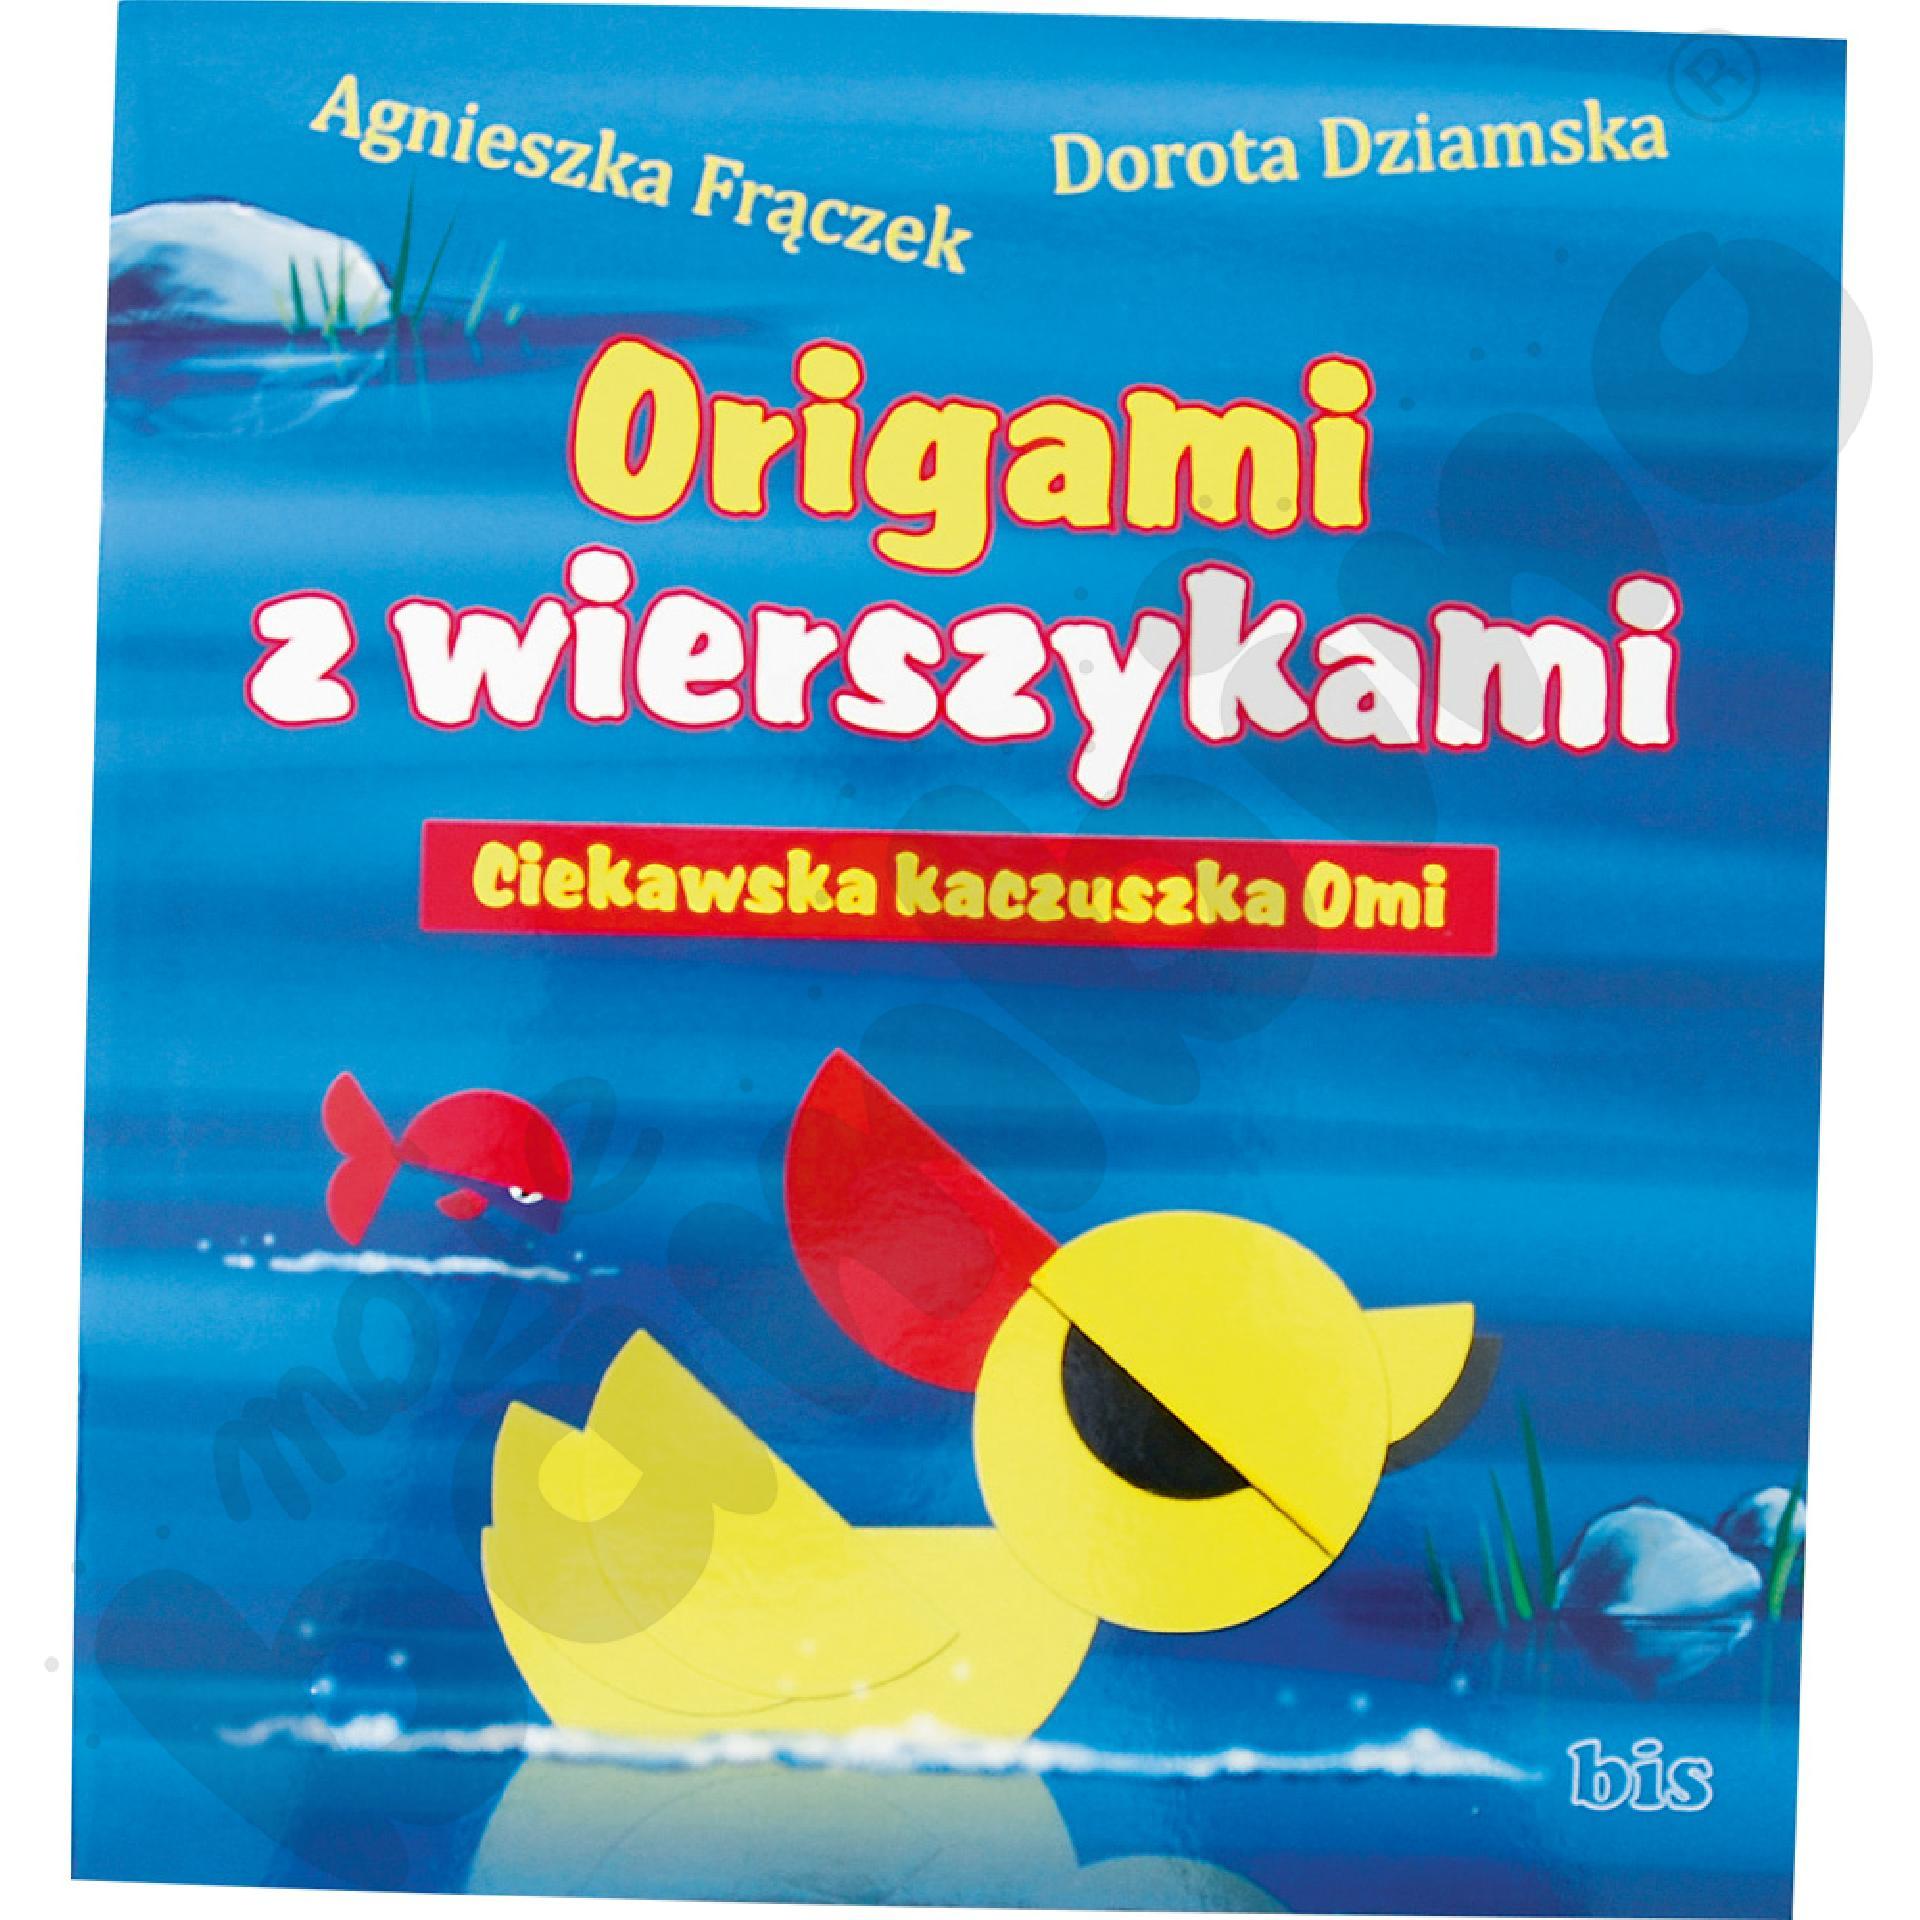 Origami z wierszykami - Ciekawska Kaczuszka Omi